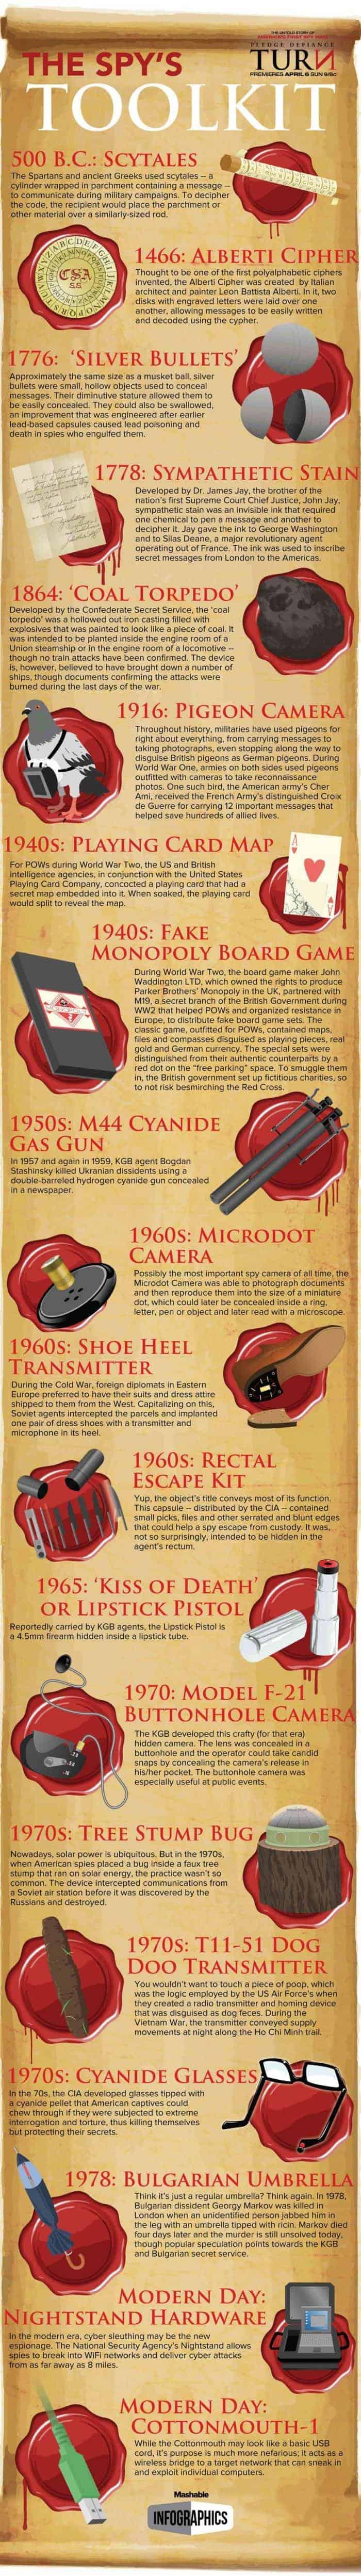 Spy's Toolkit Infographic